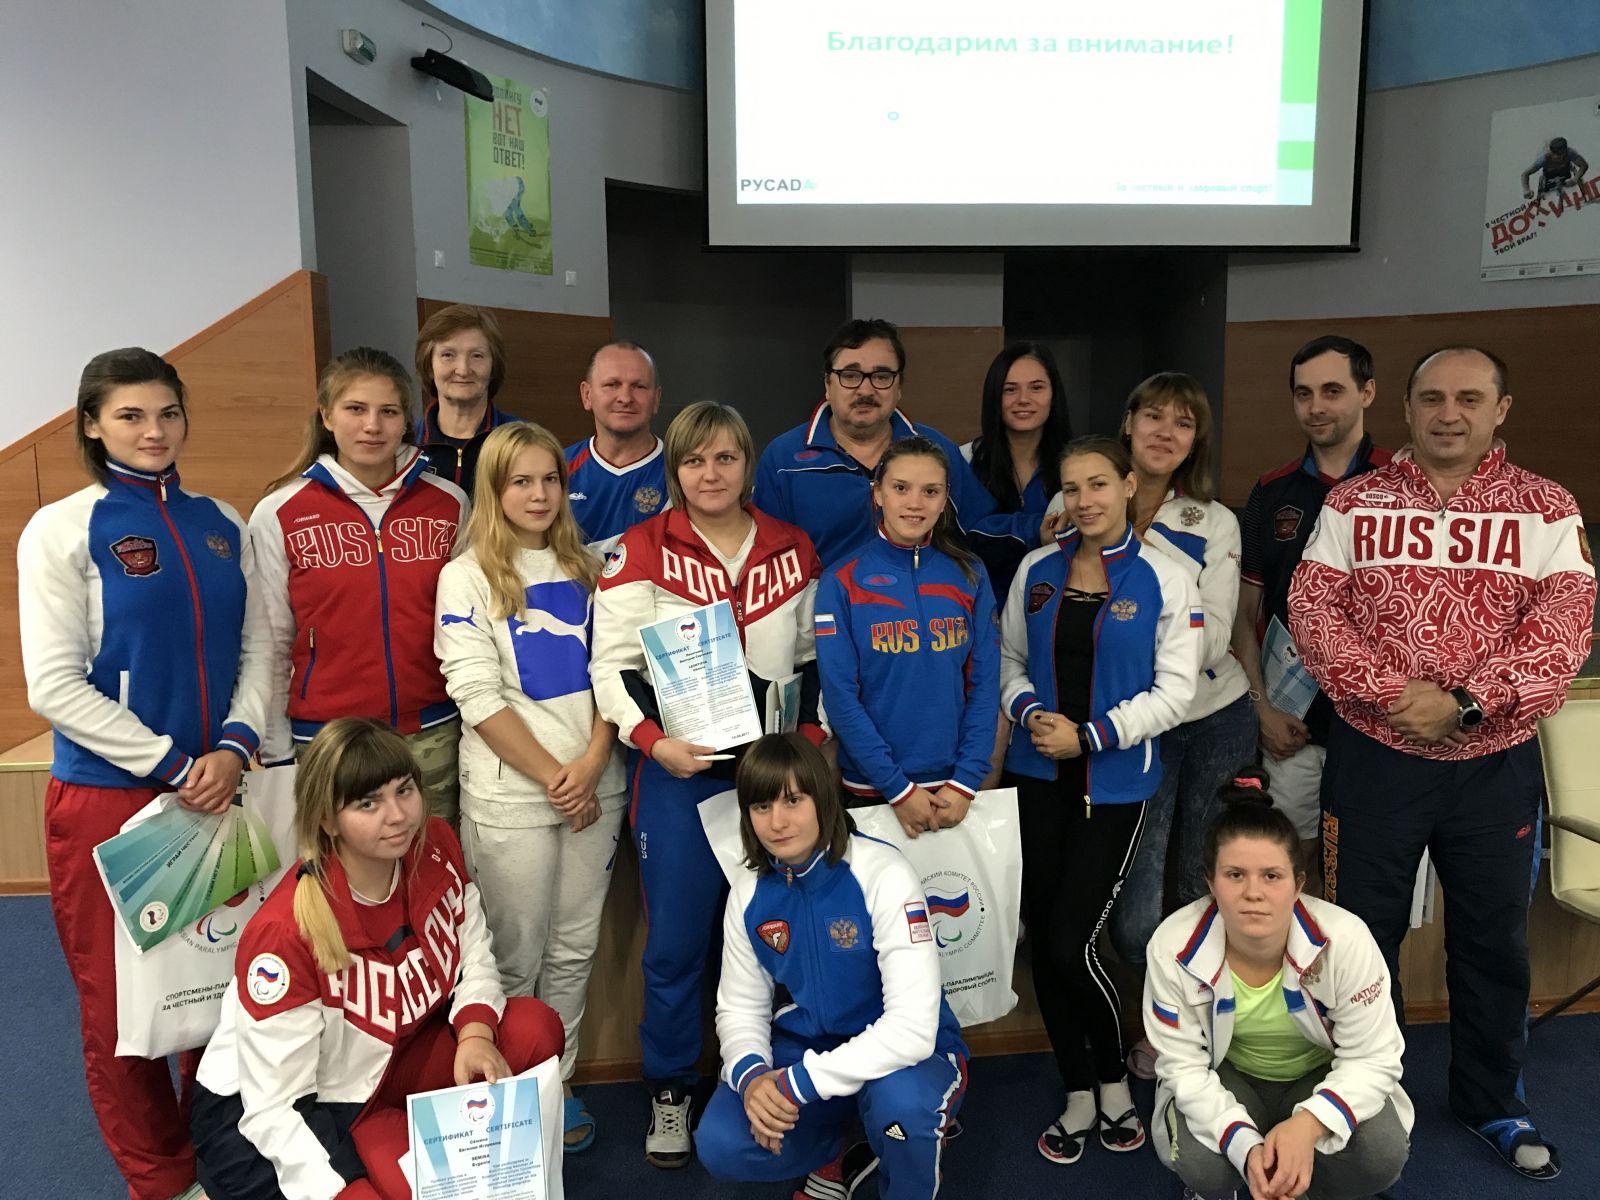 ПКР в г. Алексин (Тульская область) на РУТБ «ОКА» провел Антидопинговый семинар для членов сборной команды России по голболу спорта слепых